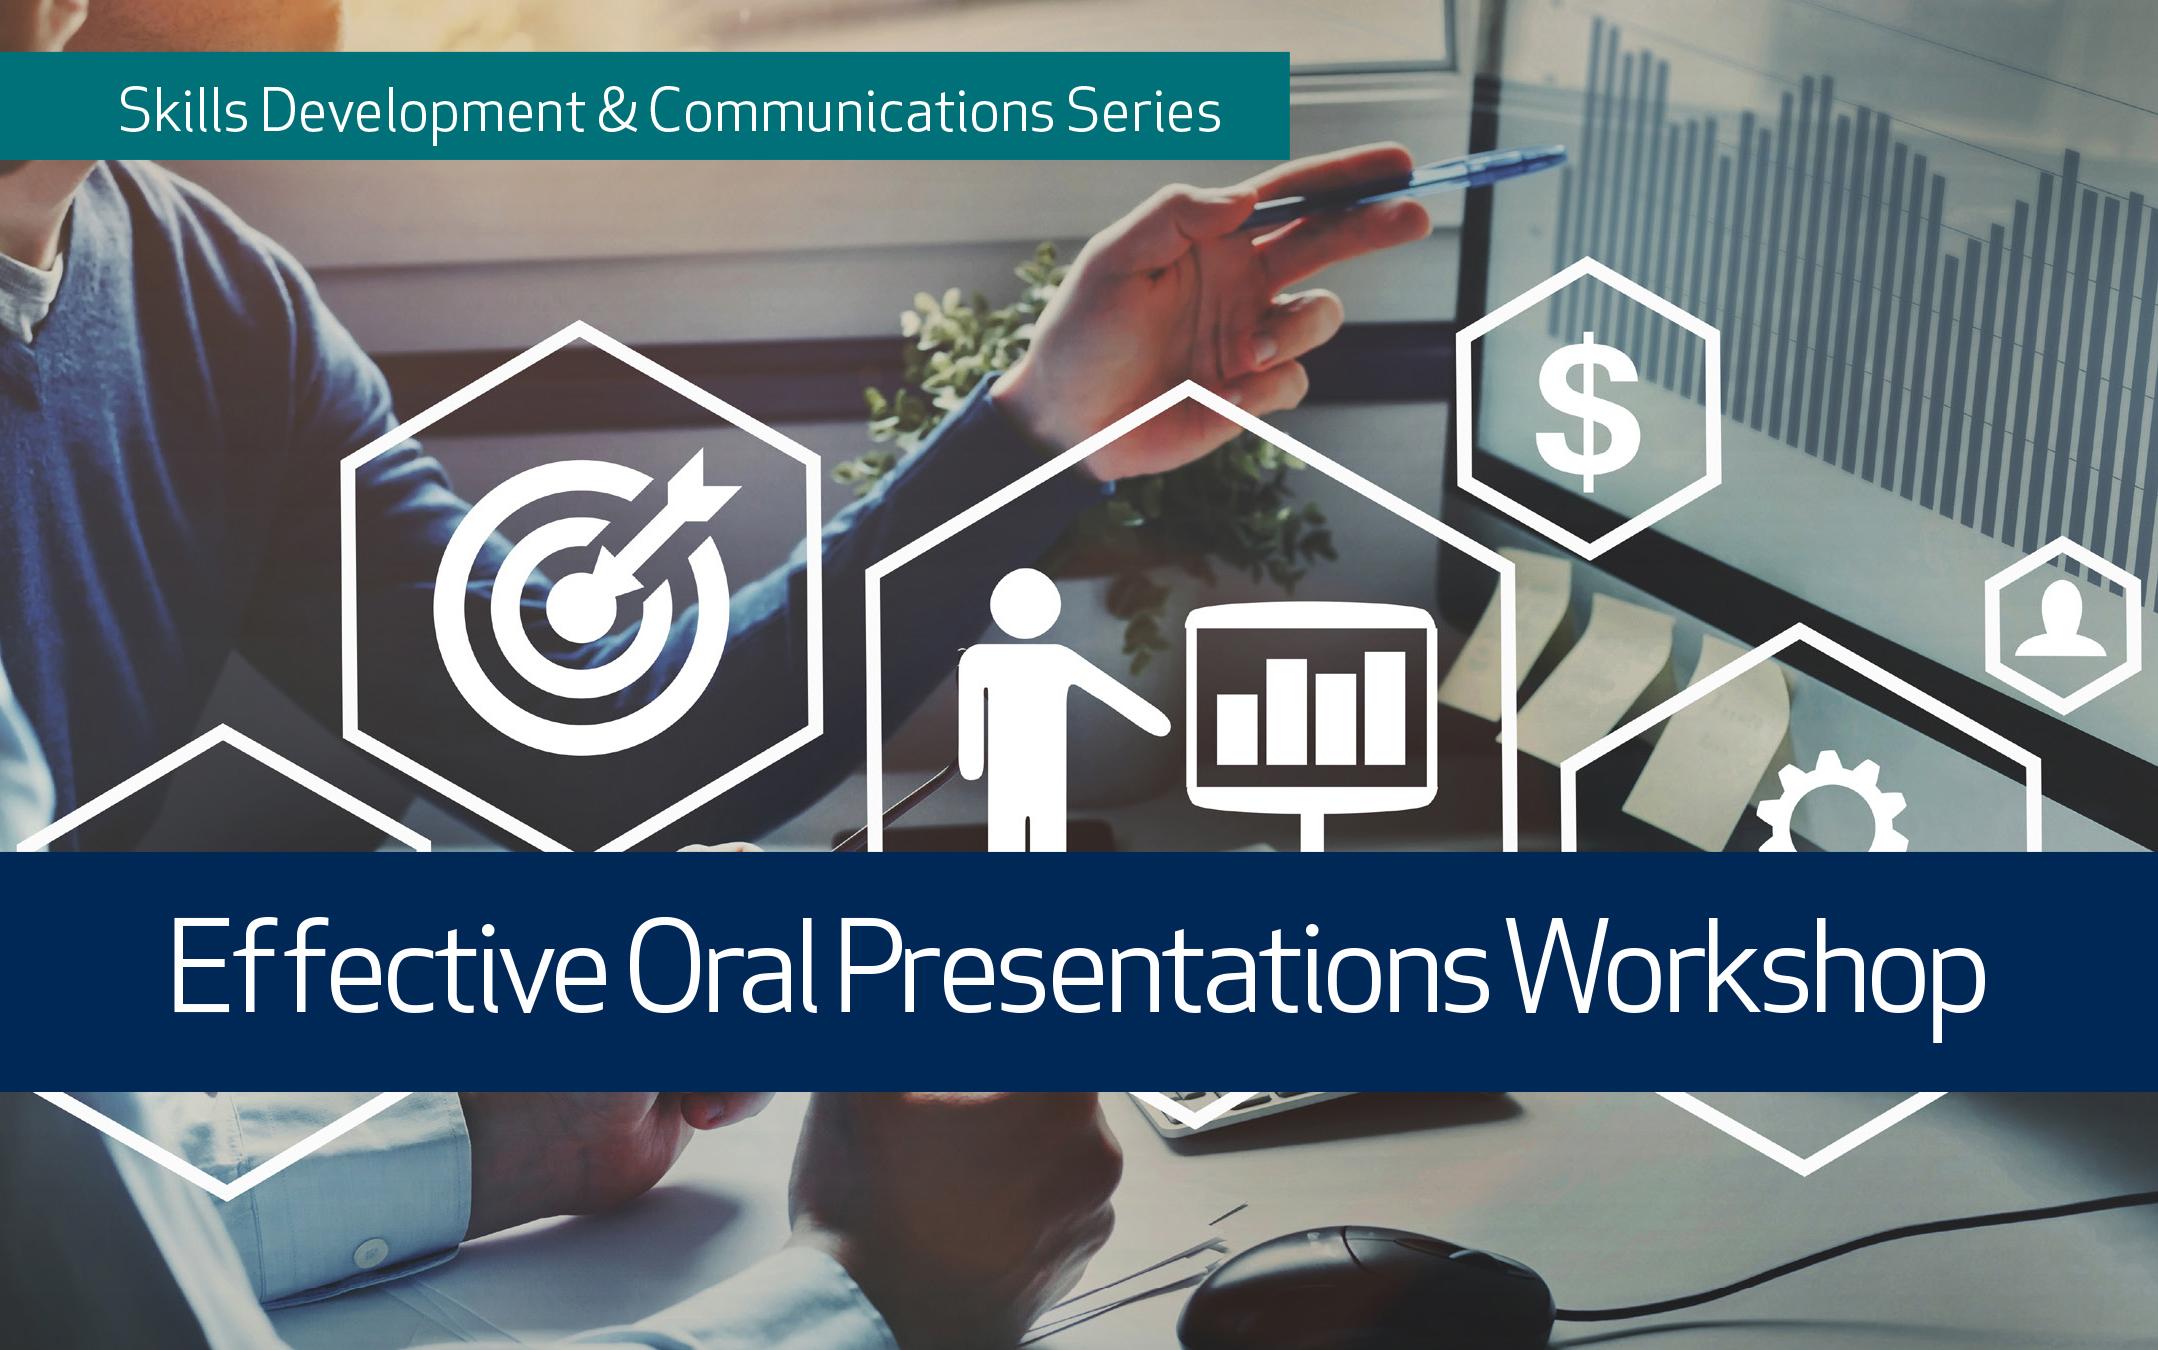 Effective-Oral-Presentations-Workshop_Cvent_518x324-new